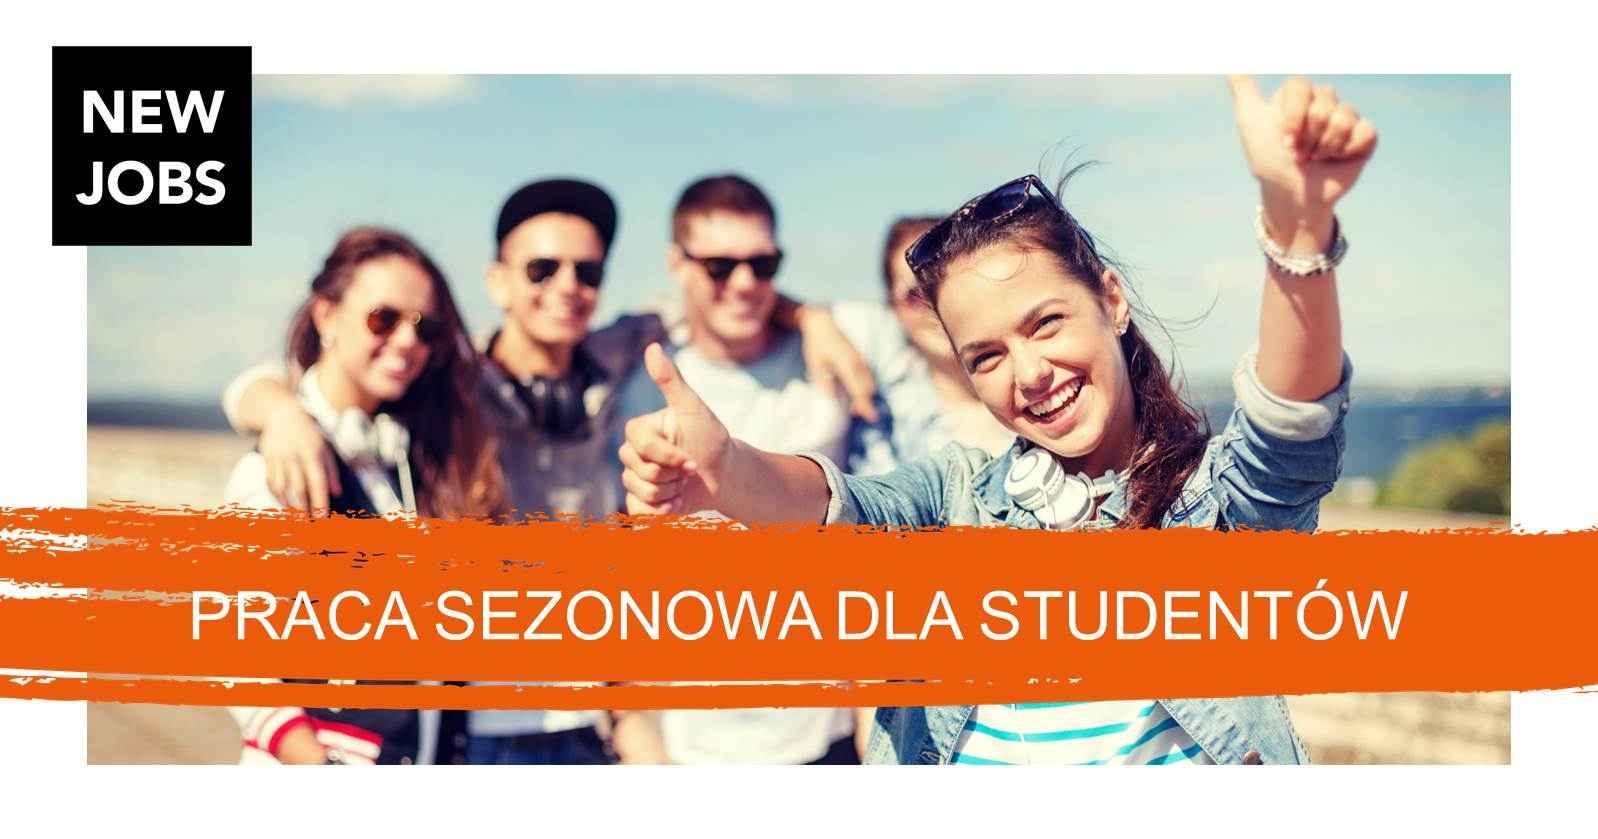 Praca sezonowa dla studentów Jasło - zdjęcie 1